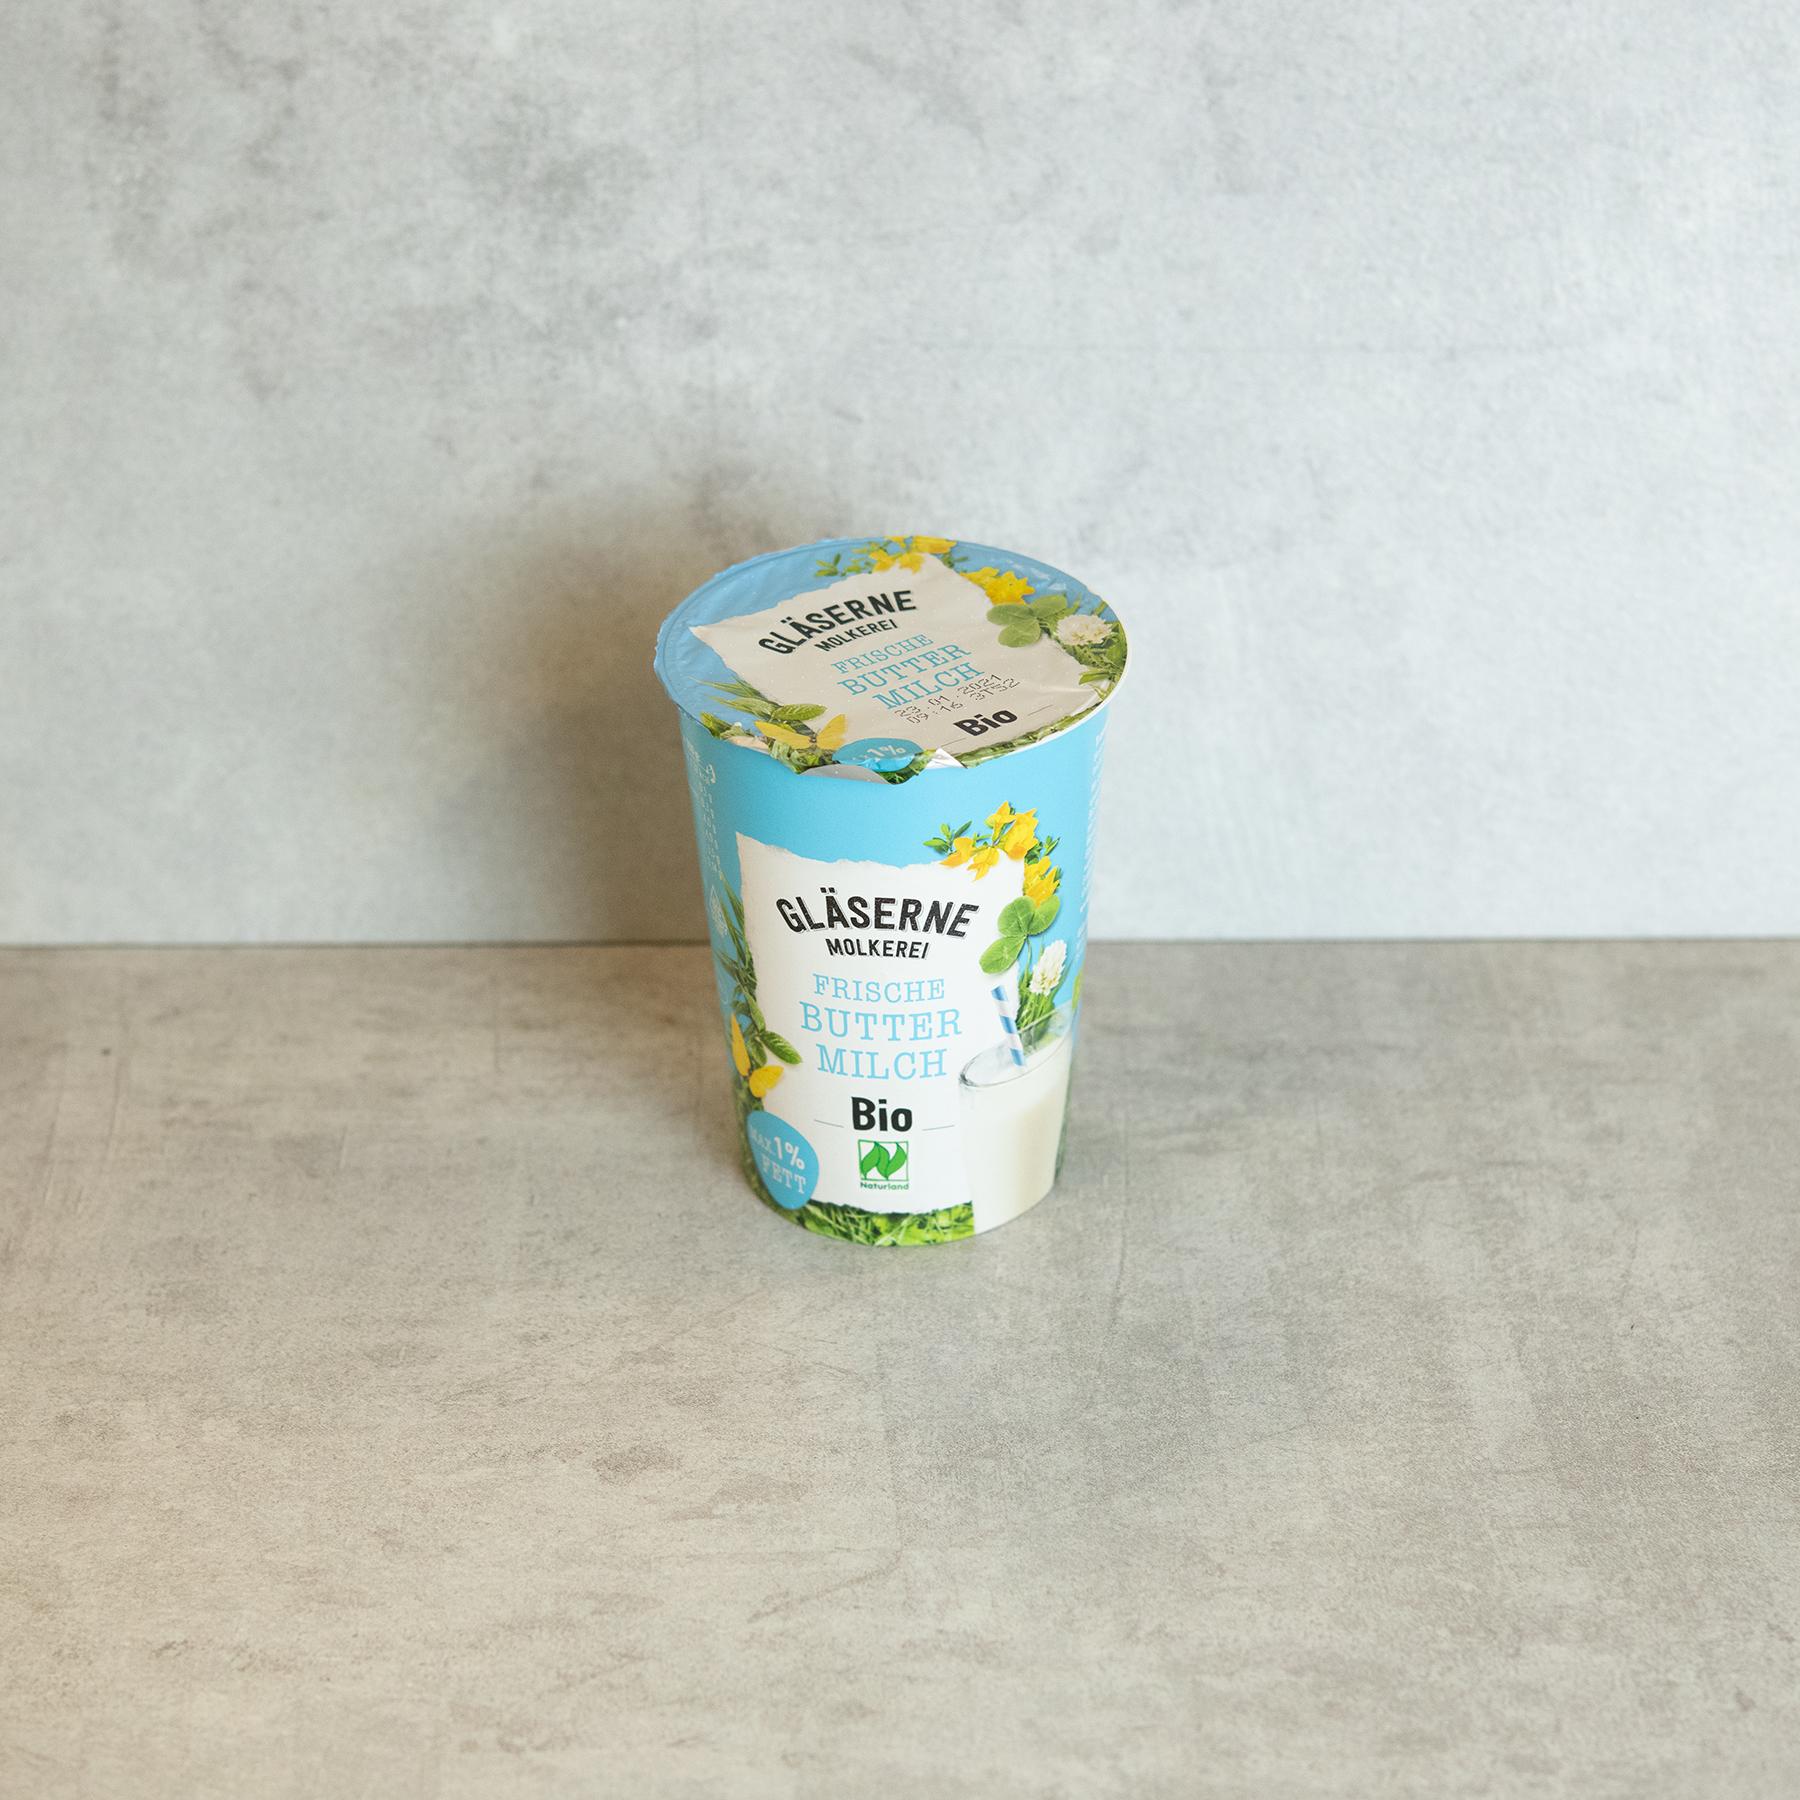 mh20-bio-buttermilch-500-g-becher-max.-1--fett-glaeserne-molkerei-markthalle20-1